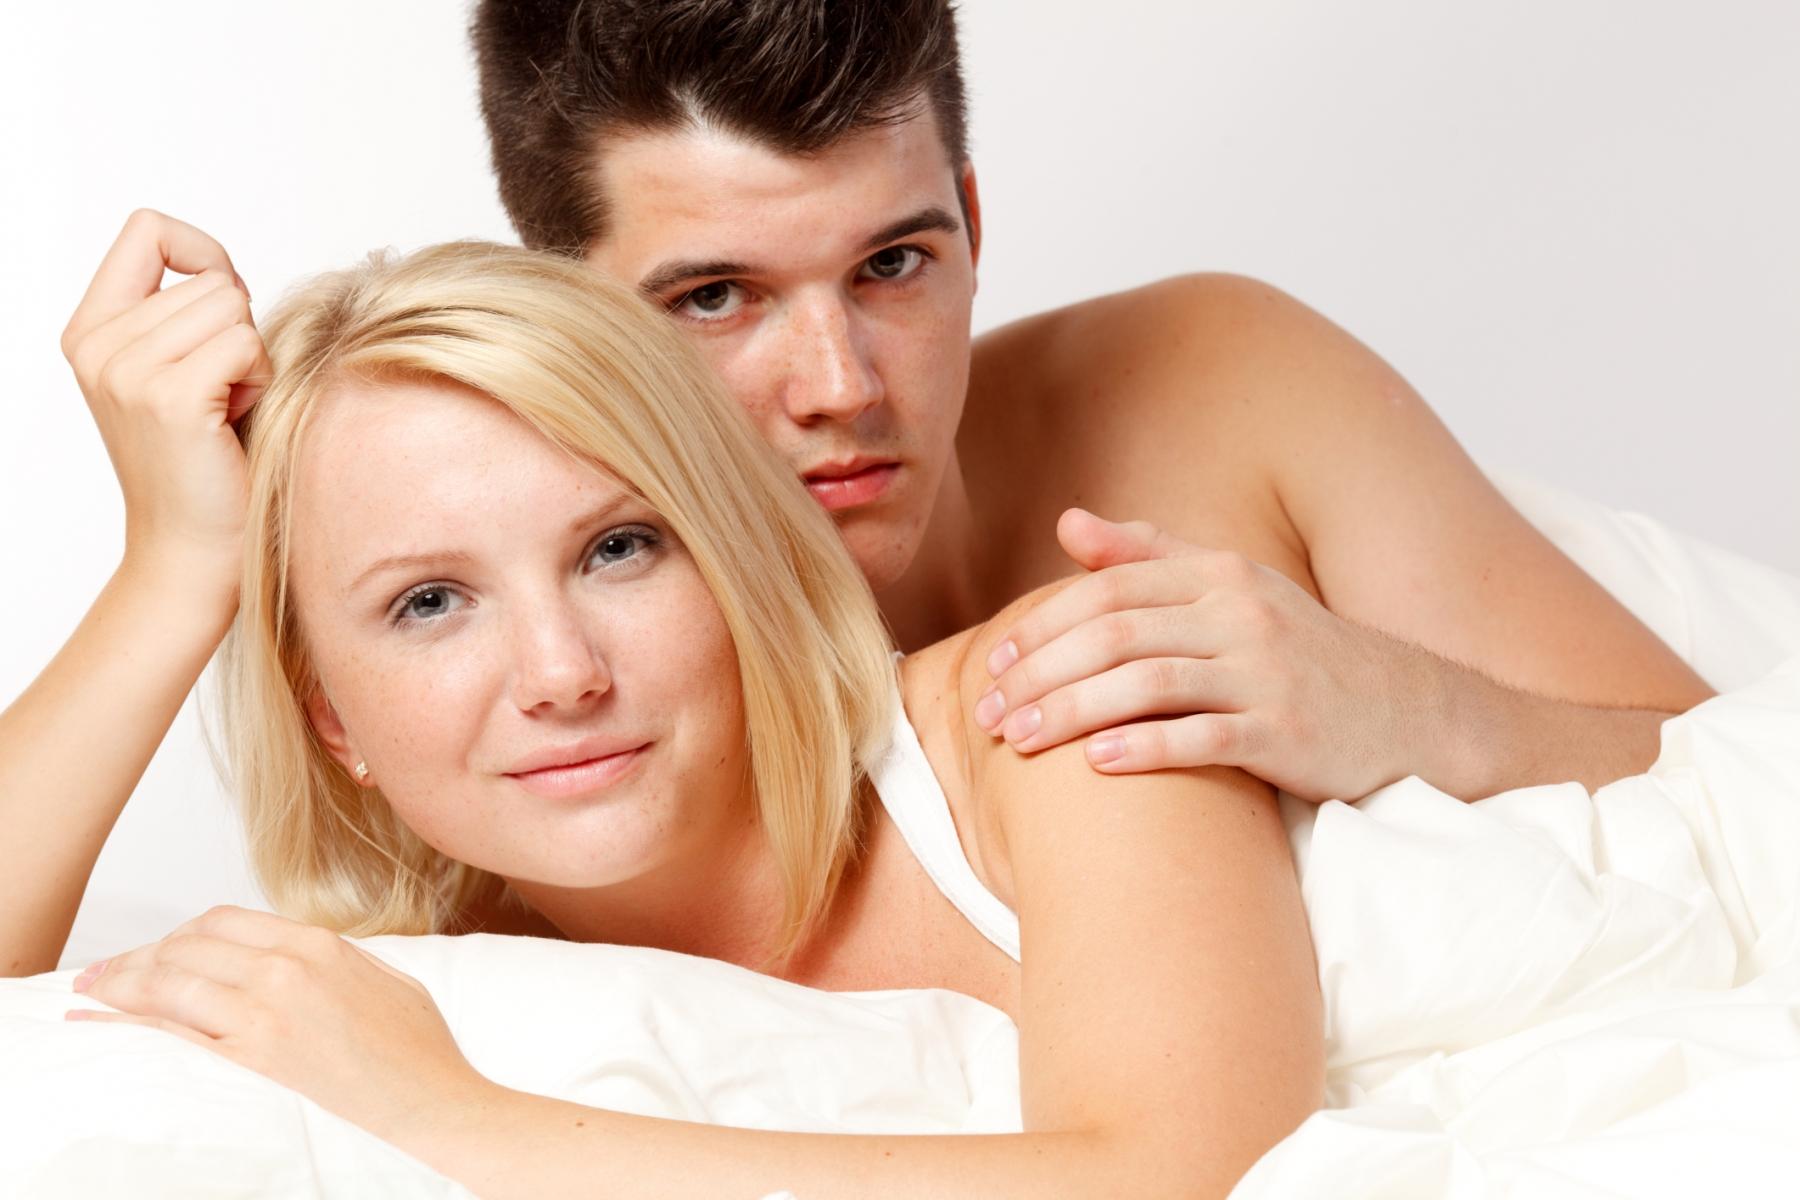 Asesoramiento sexual para hombres